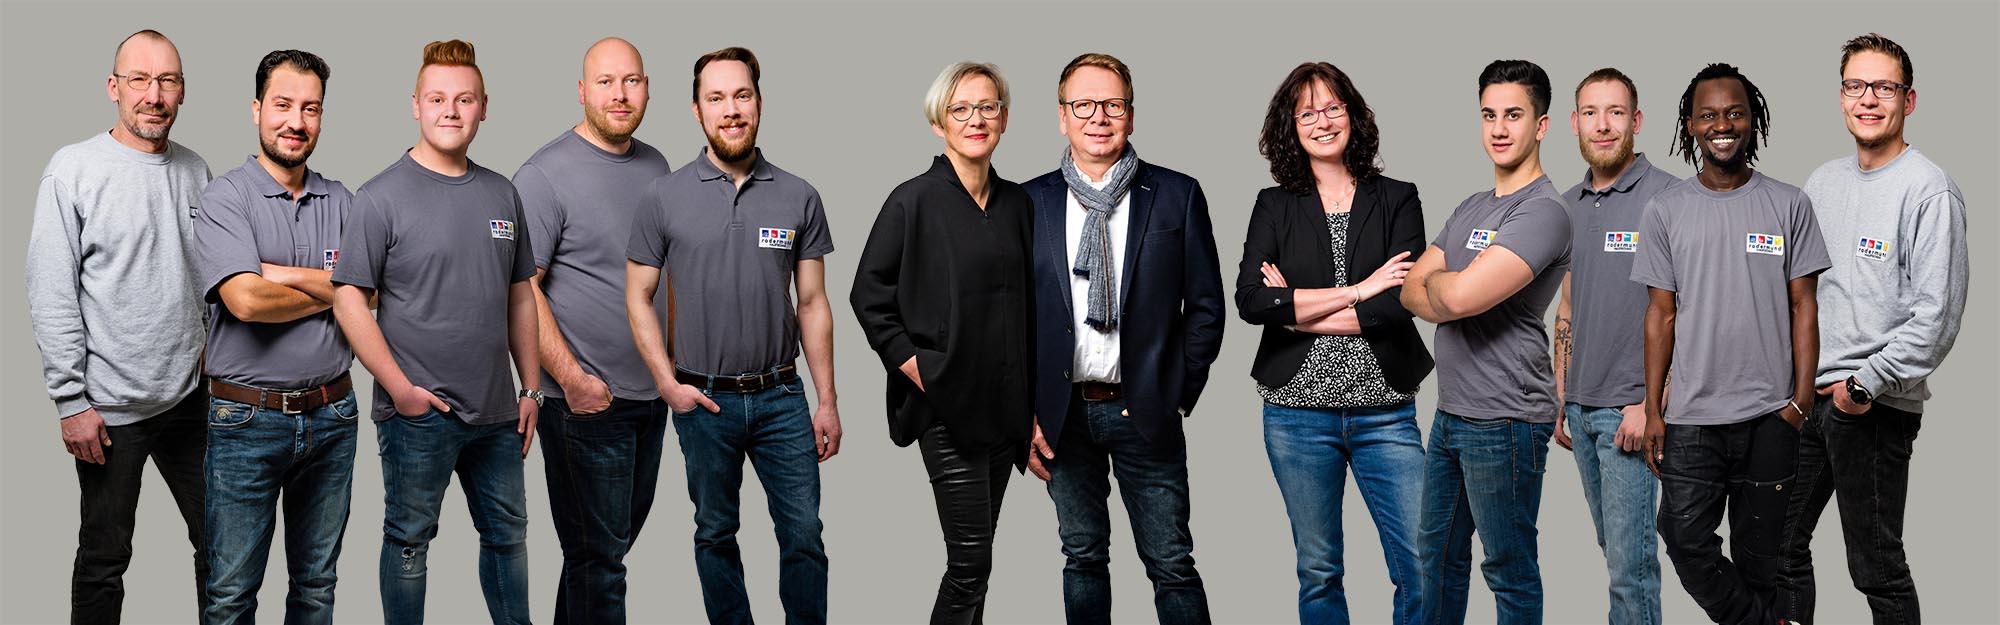 Rodermund Haustechnik Ibbenbüren Team